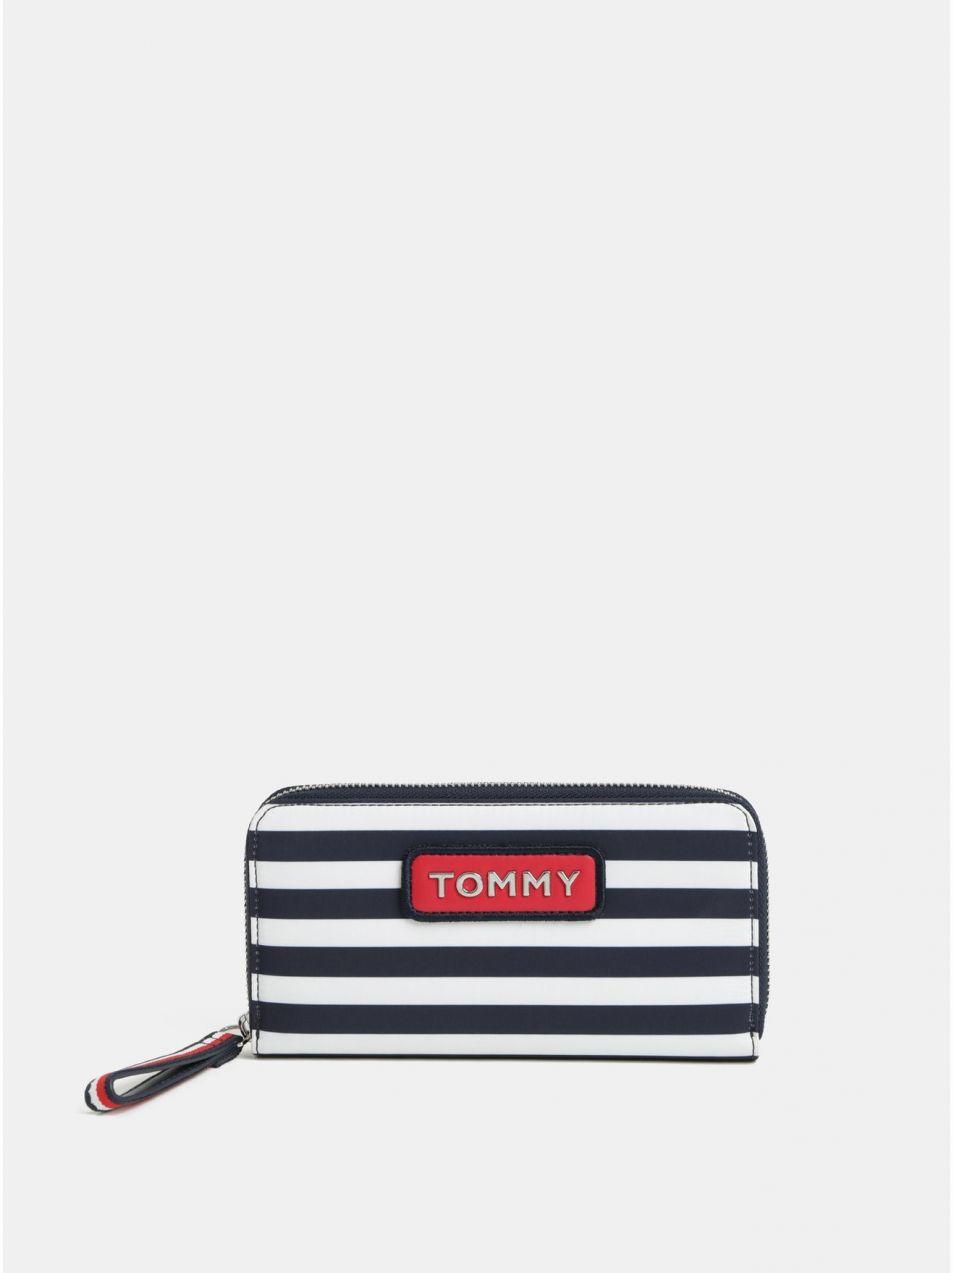 Bielo–modrá pruhovaná peňaženka Tommy Hilfiger značky Tommy Hilfiger ... 19693d43948